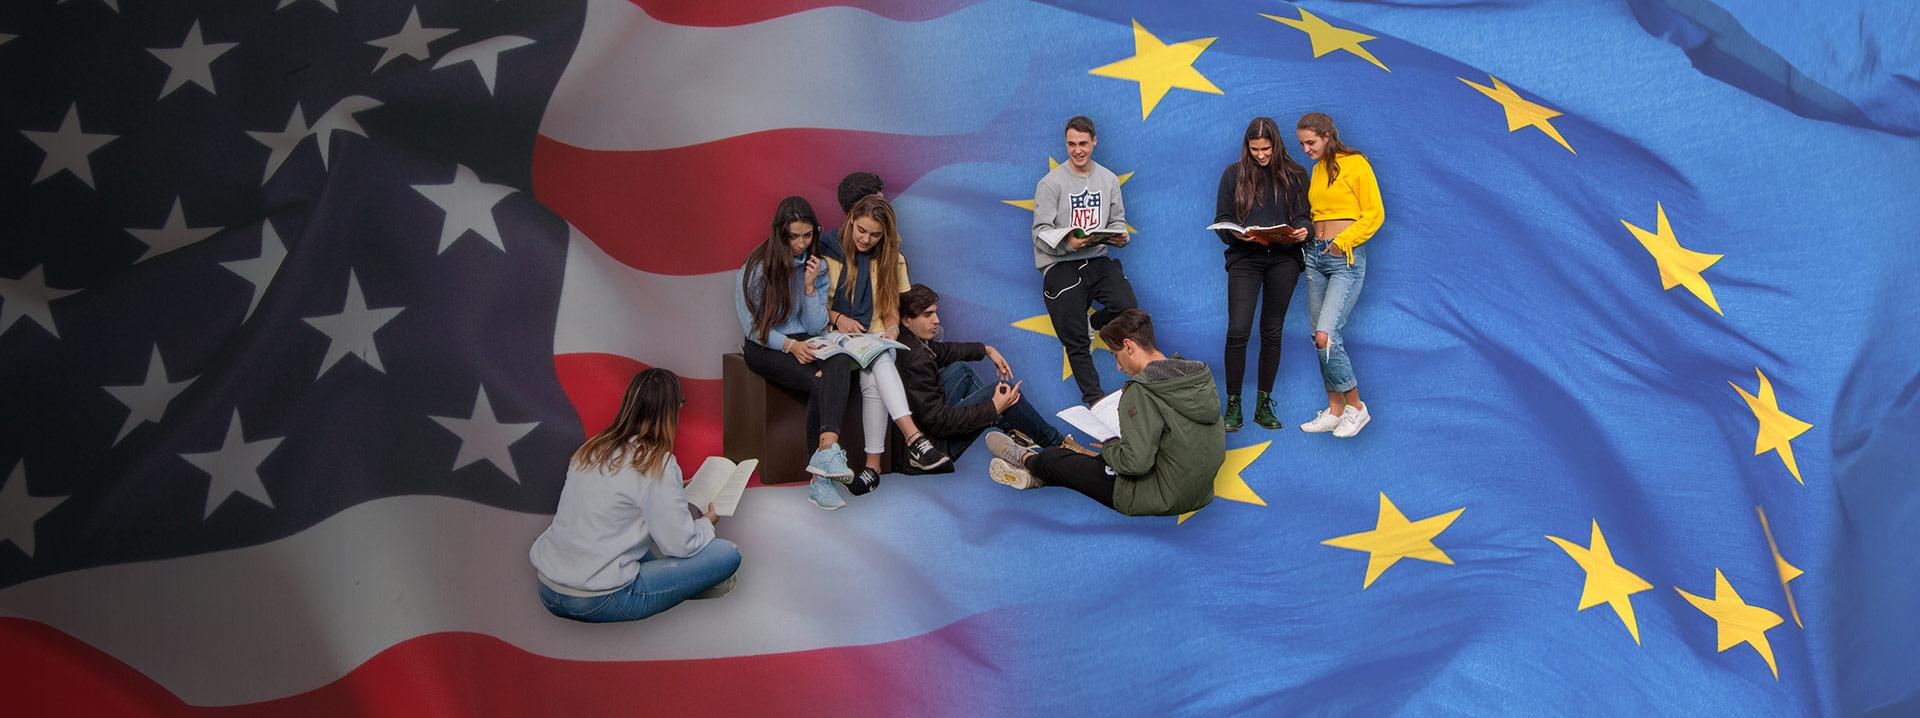 Participem en els programes Erasmus+ i Batxillerat High School